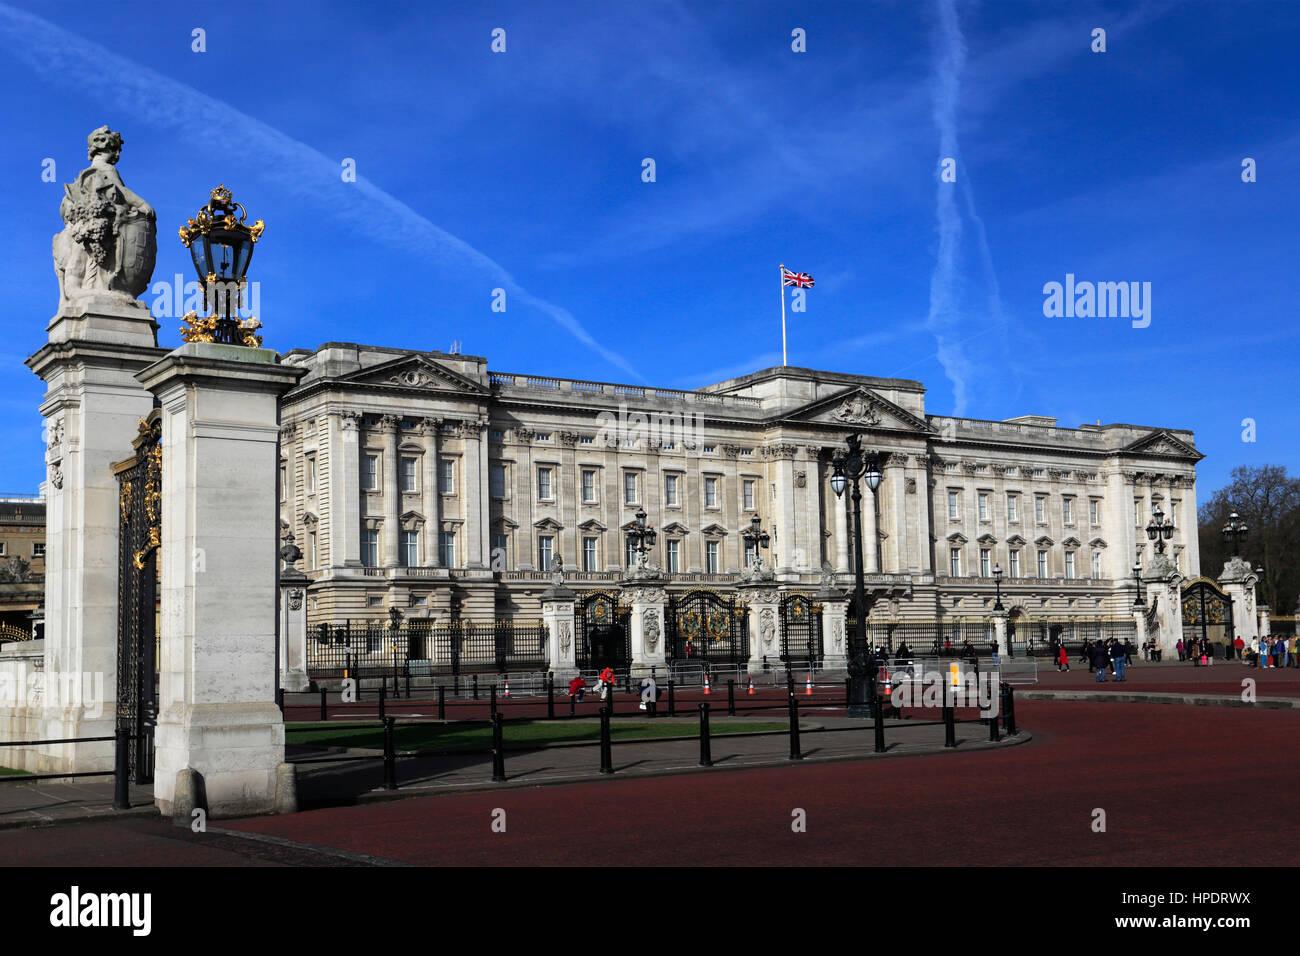 Vista estiva della facciata di Buckingham palace, St James, London, England, Regno Unito Immagini Stock